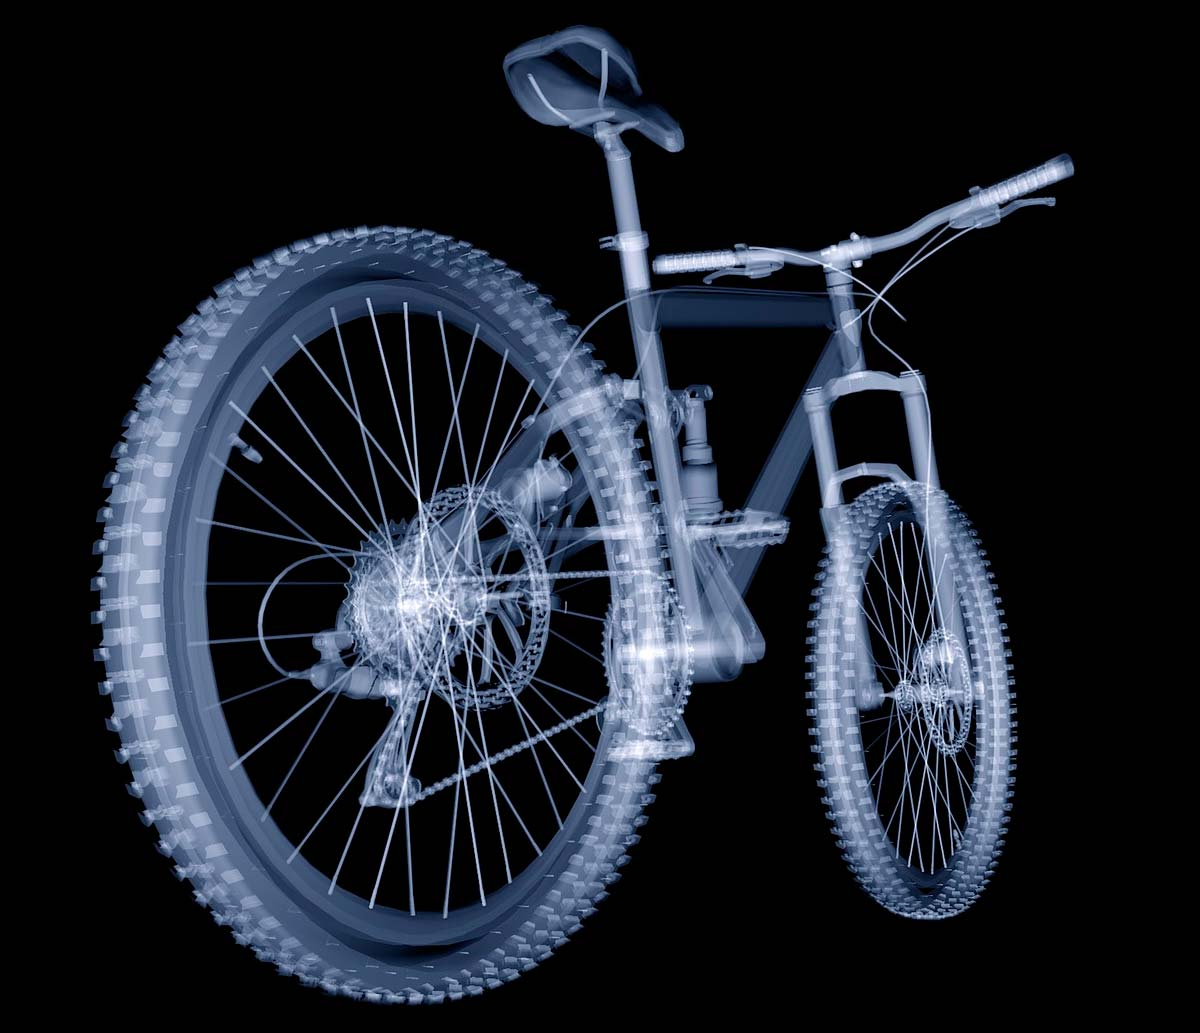 ¿Cómo ajustar la altura del sillín de una bicicleta? Dos formas rápidas de hacerlo